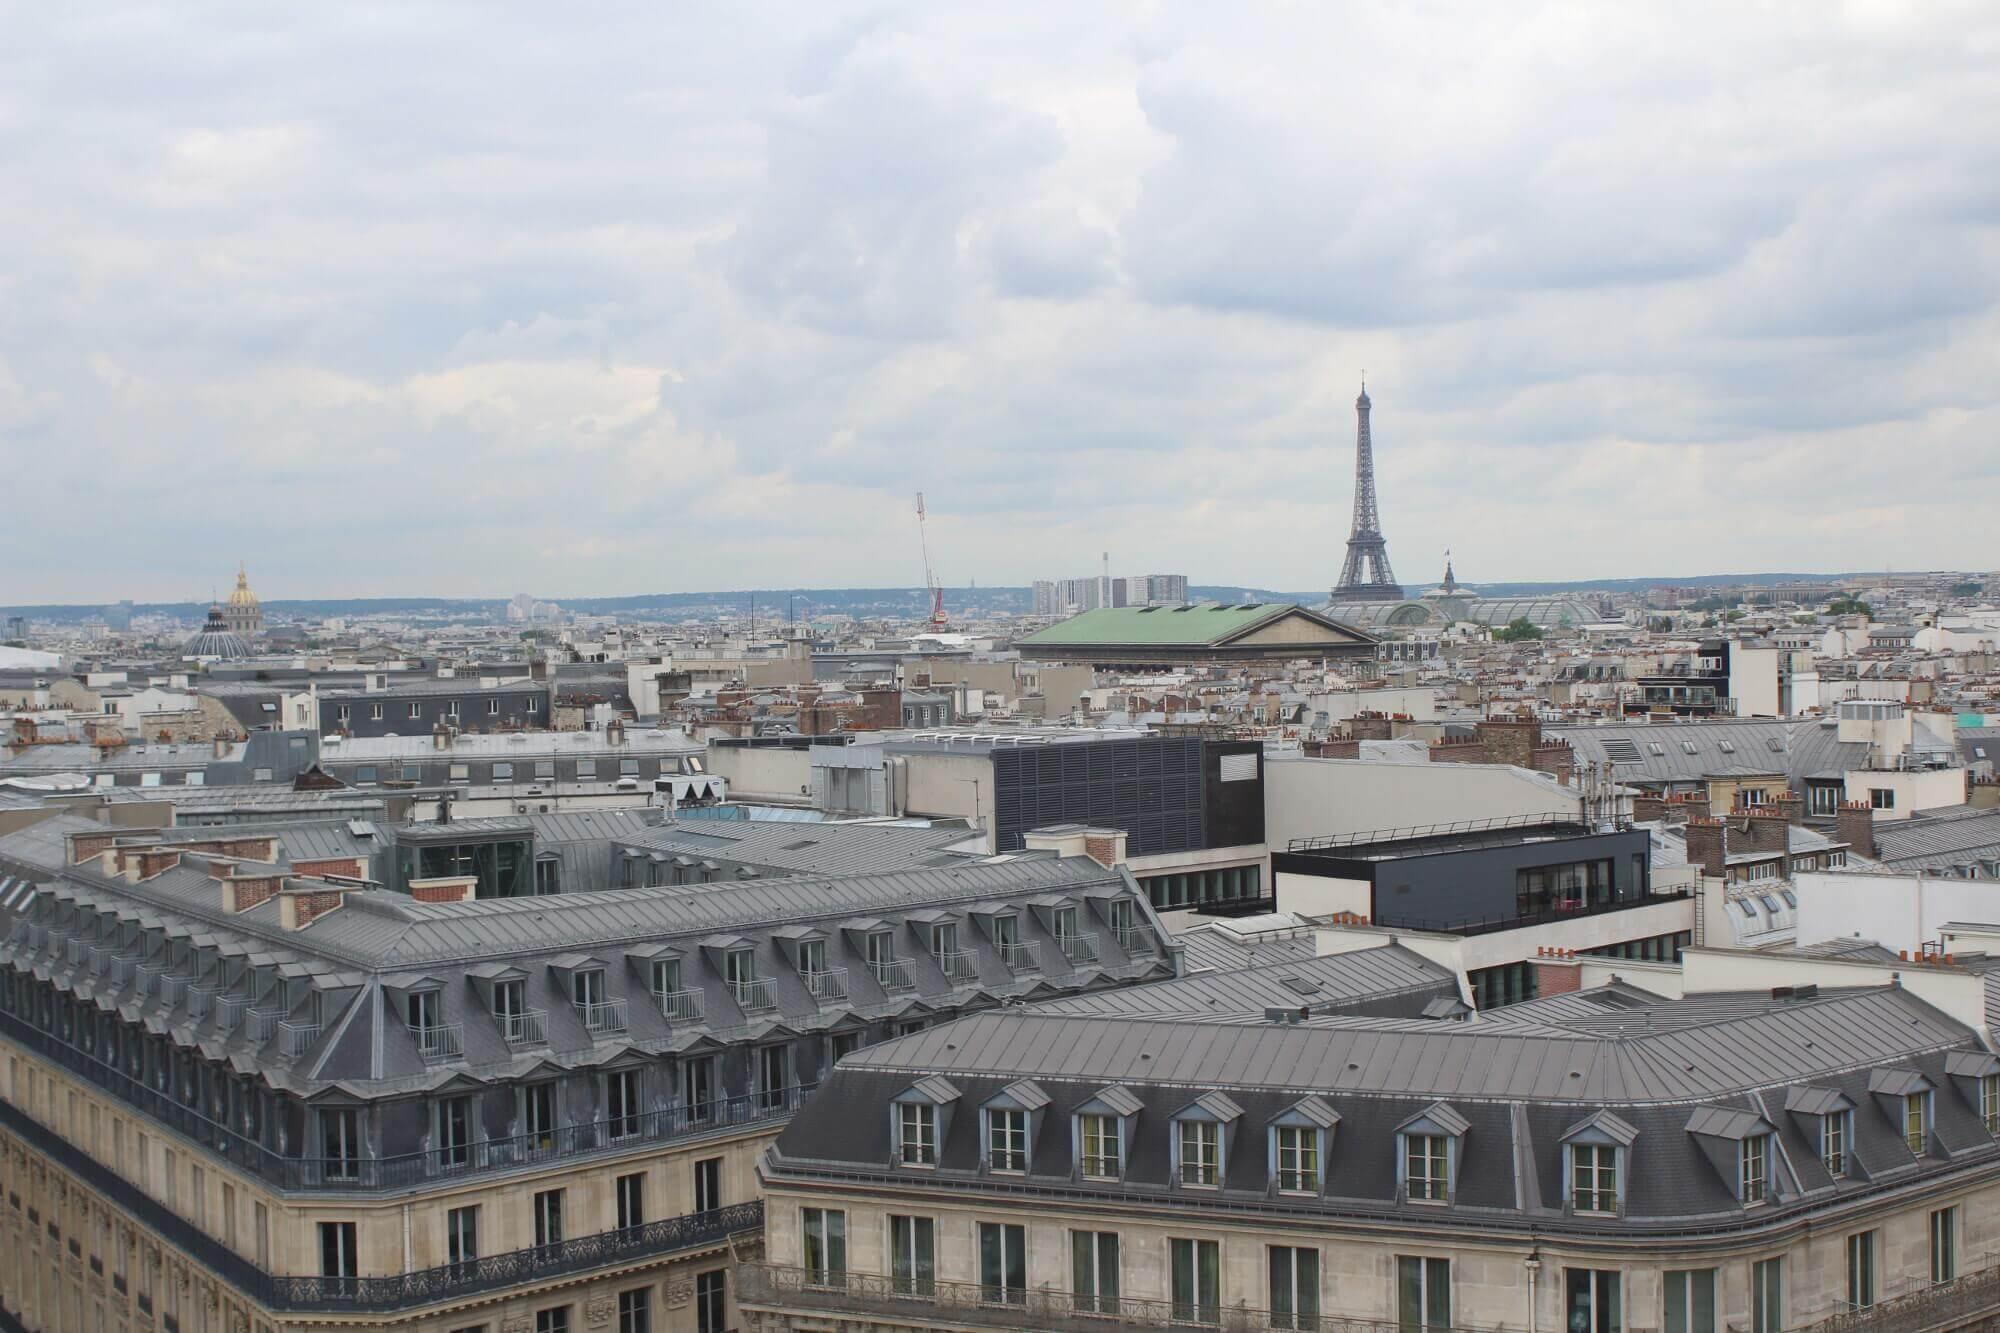 Blick von Dachterrasse der Galeries Lafayettes über ganz Paris mit dem Eiffelturm im Hintergrund